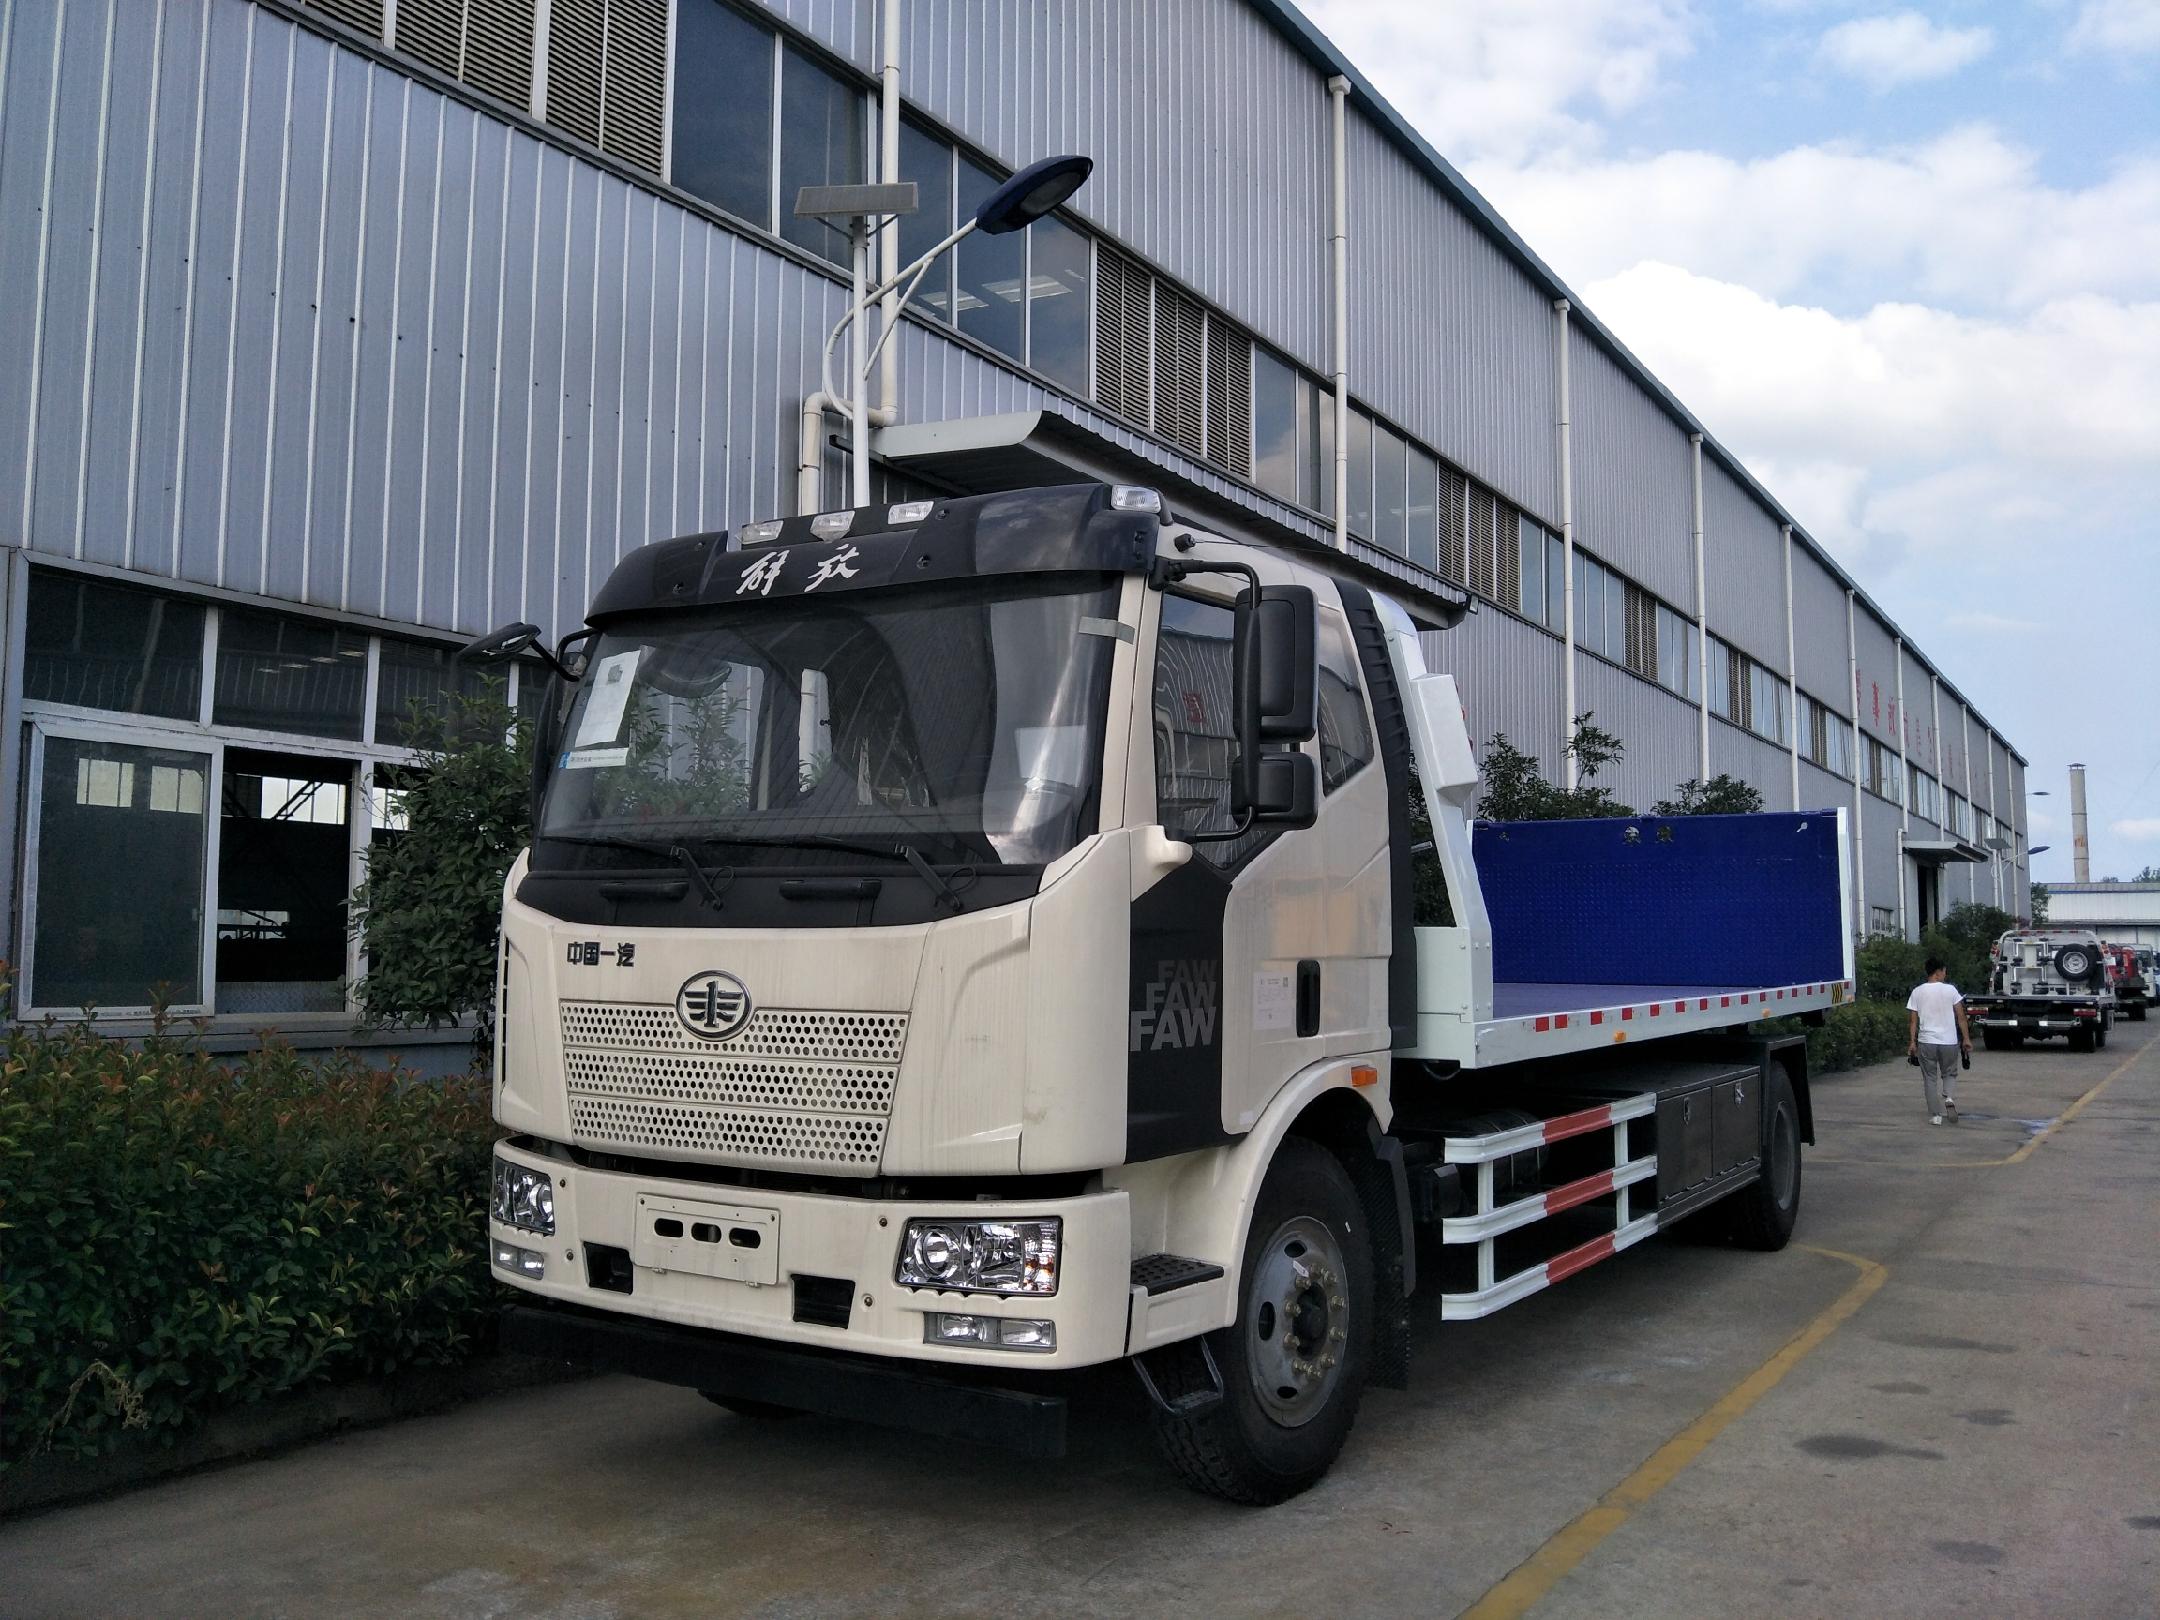 10吨解放平板道路清障车价格_厂家_配置和报价......